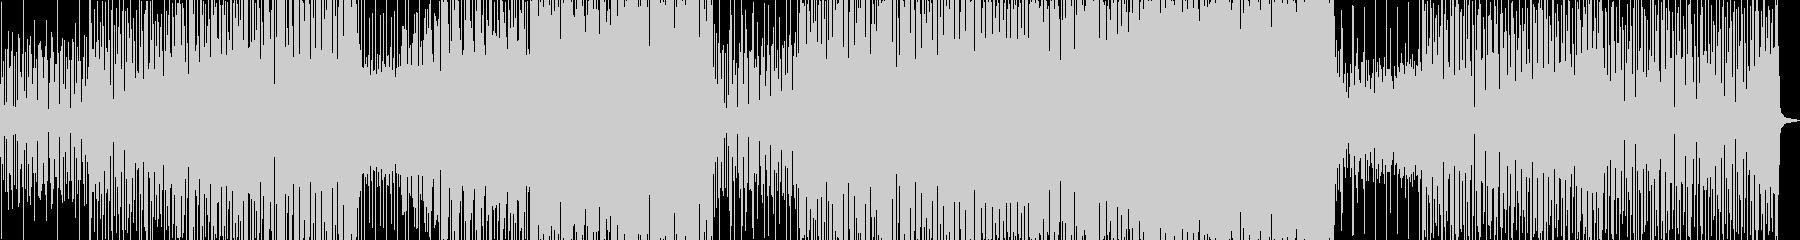 バッハの古典的なメロディー。ロンド...の未再生の波形